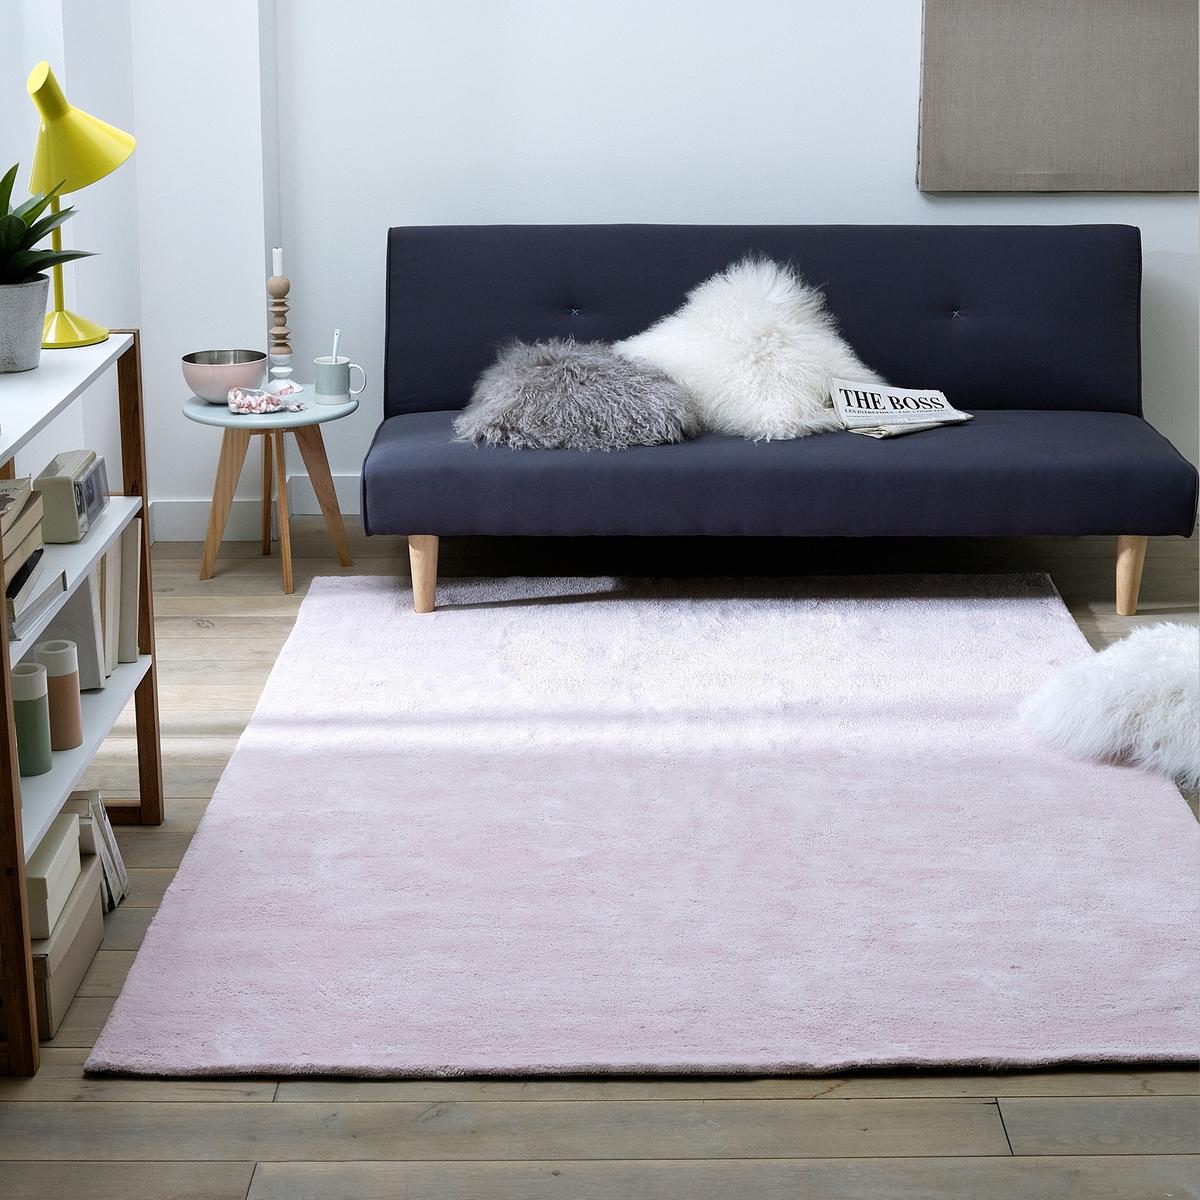 цена Ковер La Redoute С ворсом из хлопка Renzo 200 x 290 см розовый онлайн в 2017 году